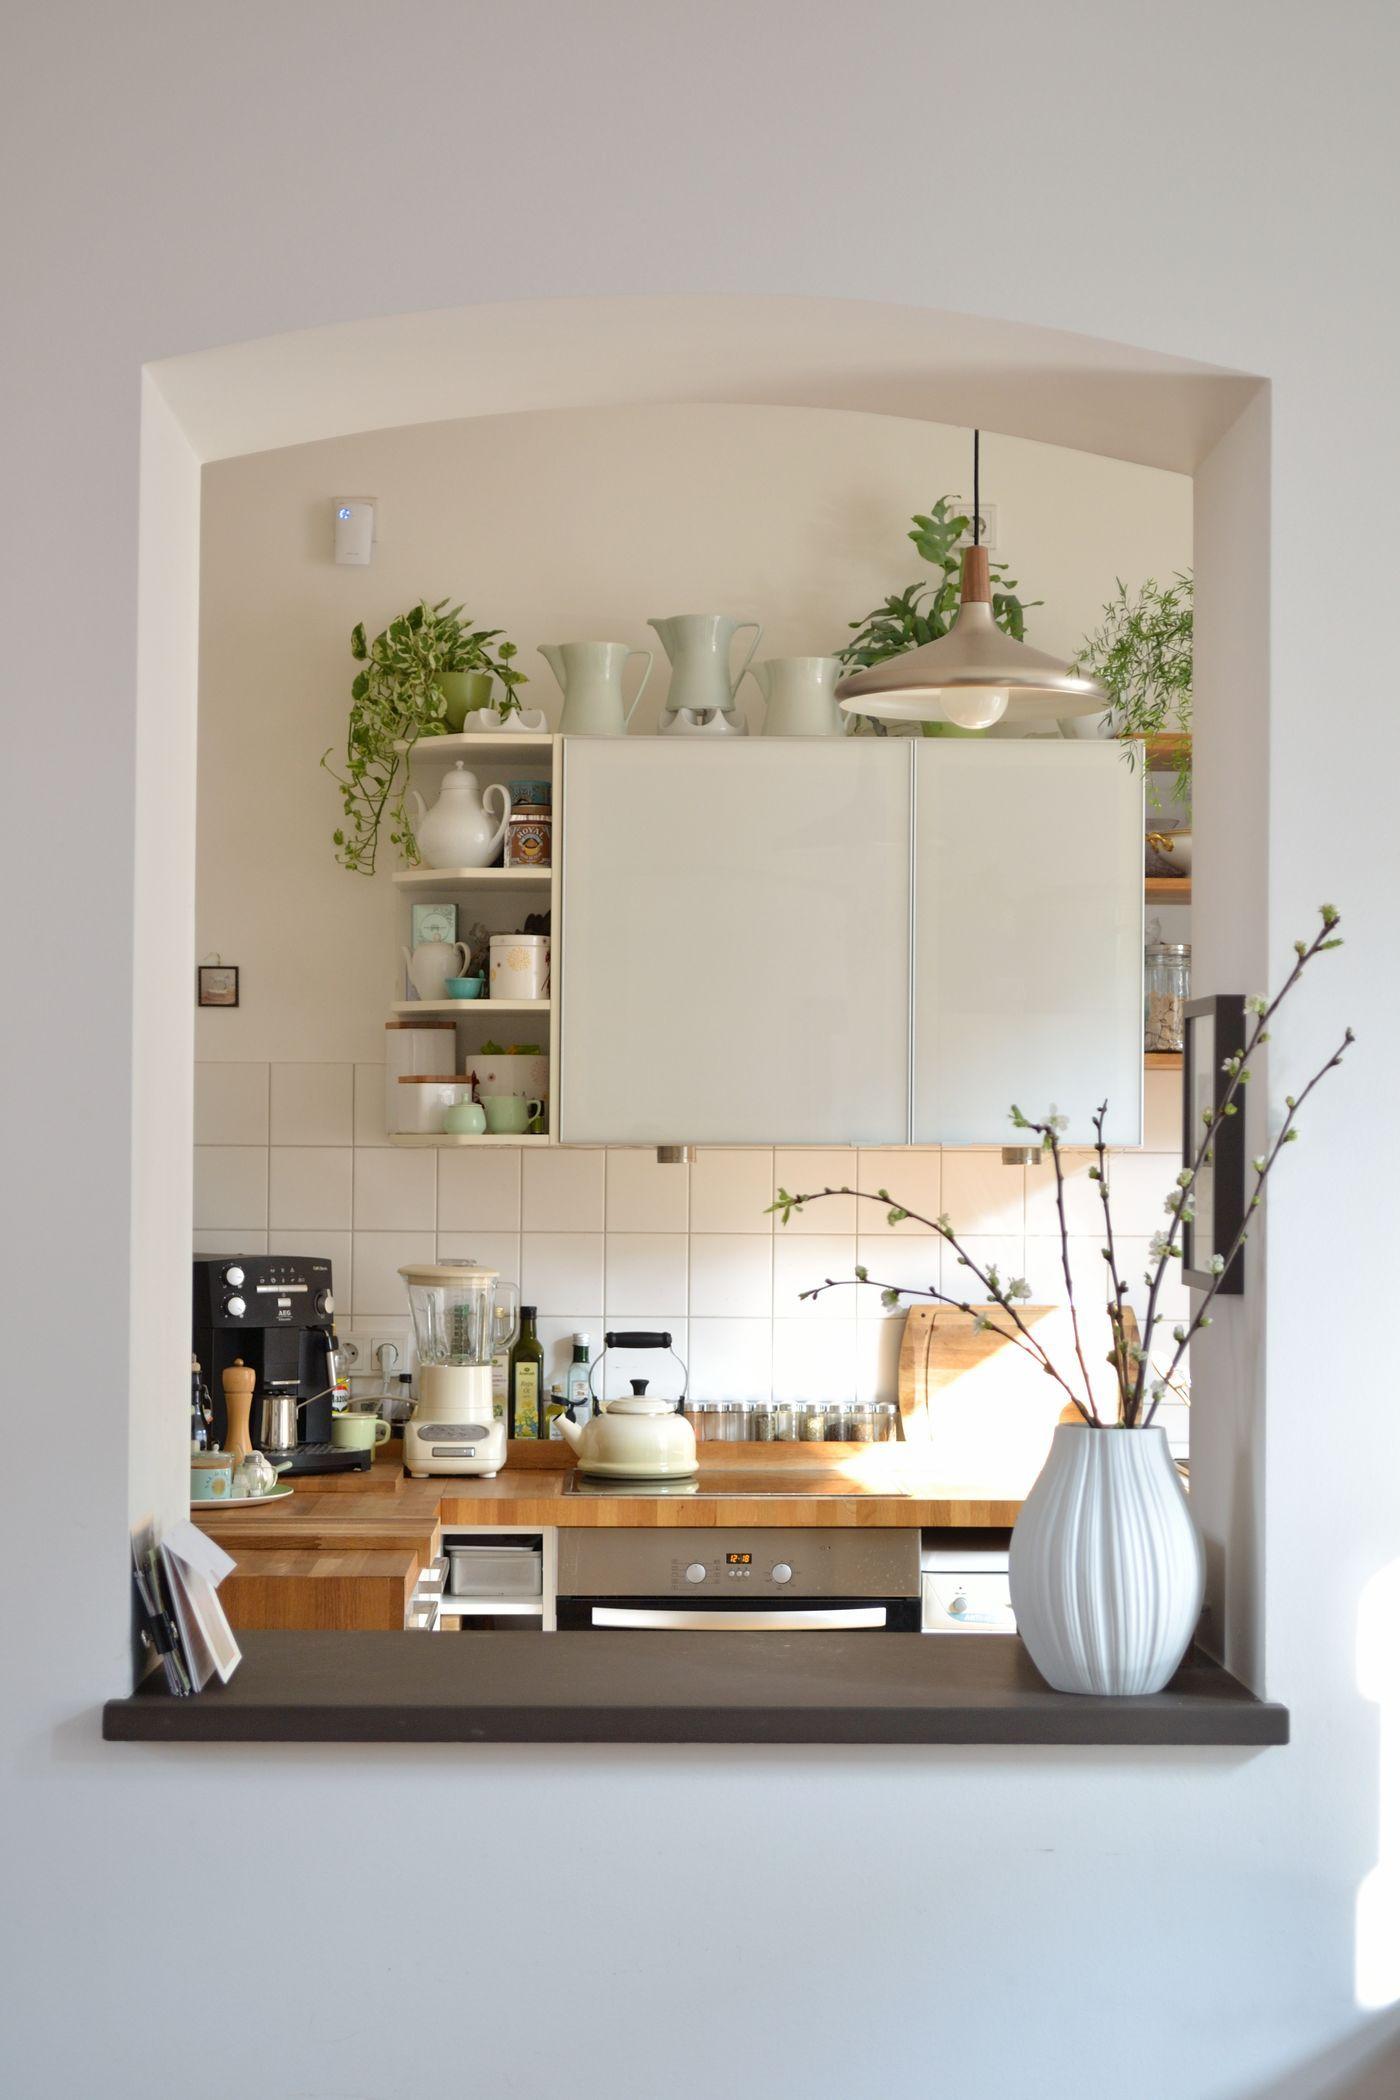 ikea s vedal k che zauber k chen f r kleine r ume moderne k che clever einrichten. Black Bedroom Furniture Sets. Home Design Ideas